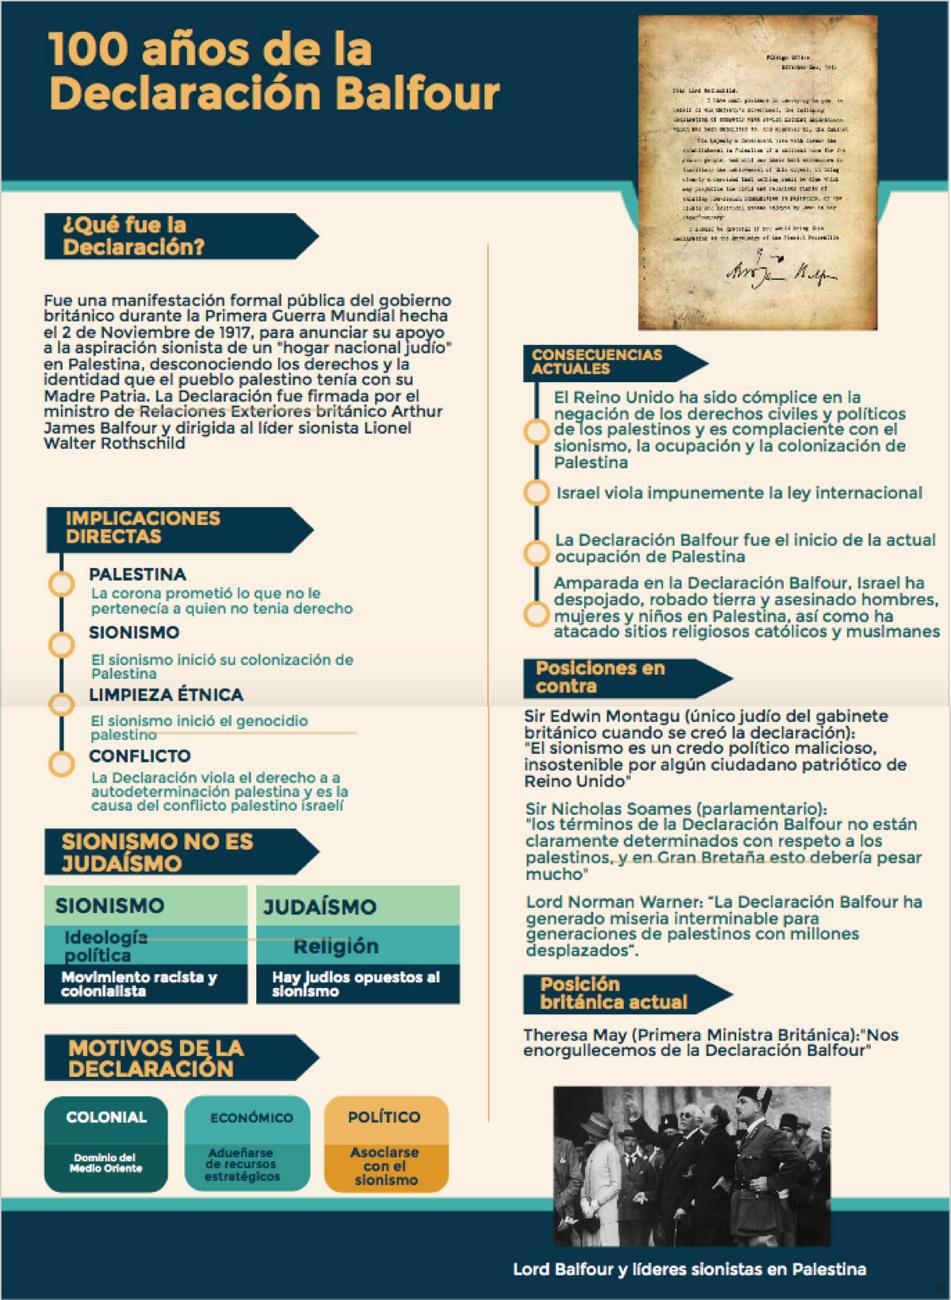 100 años de la Declaración Balfour